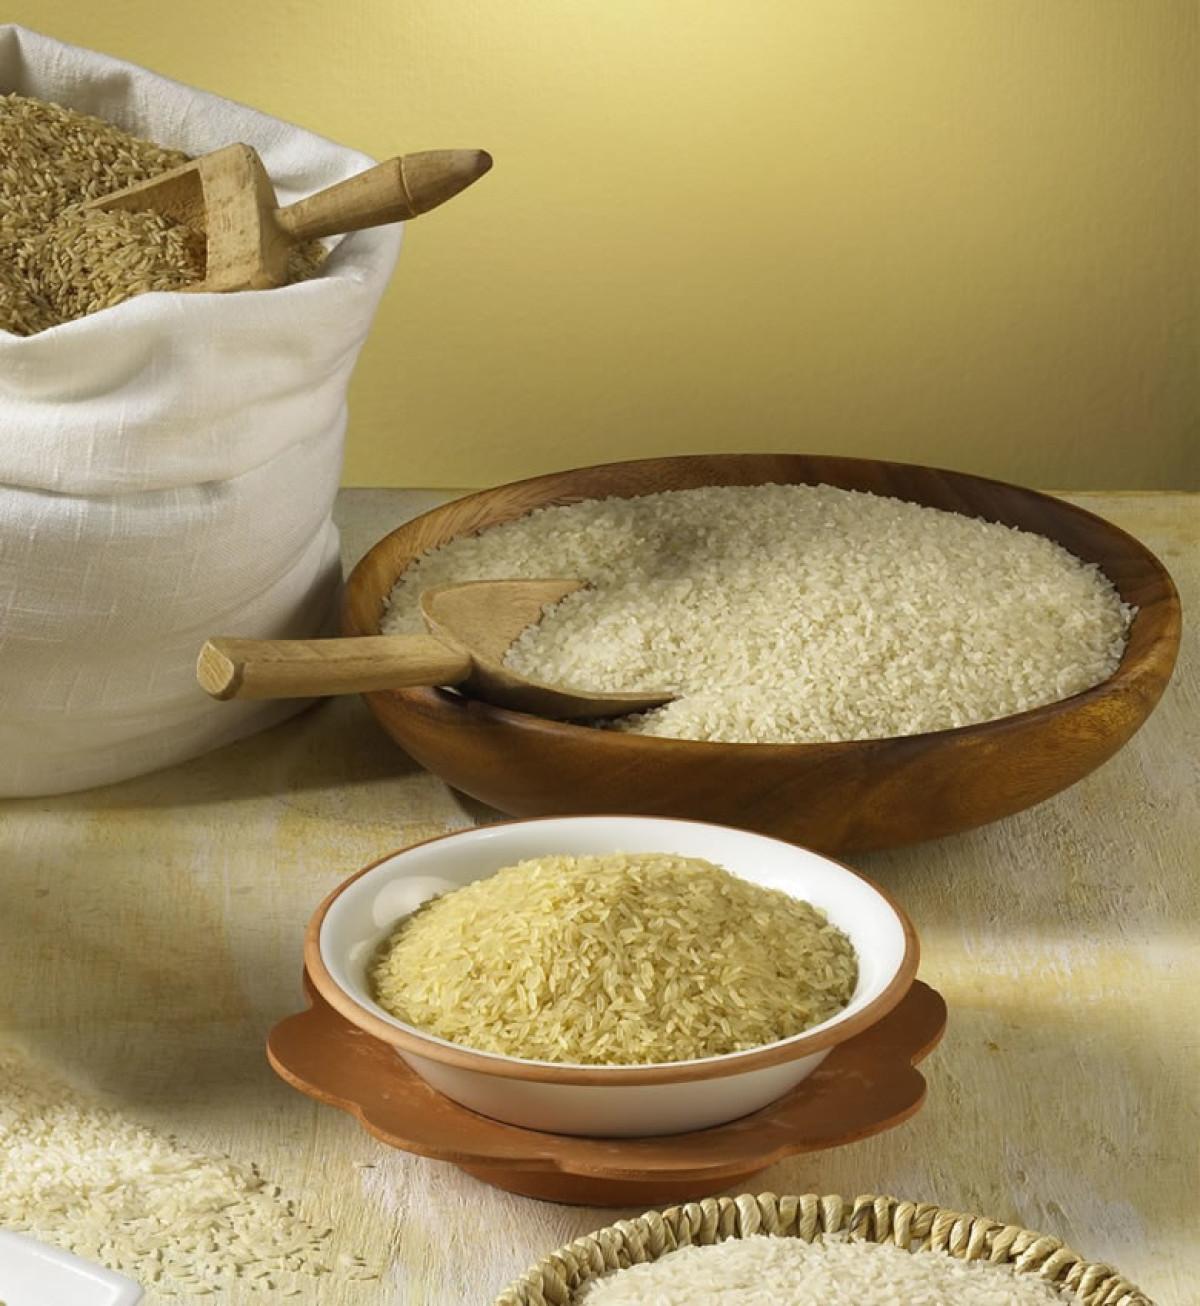 Pirinç tüketenlerin beslenme kalitesi daha yüksek